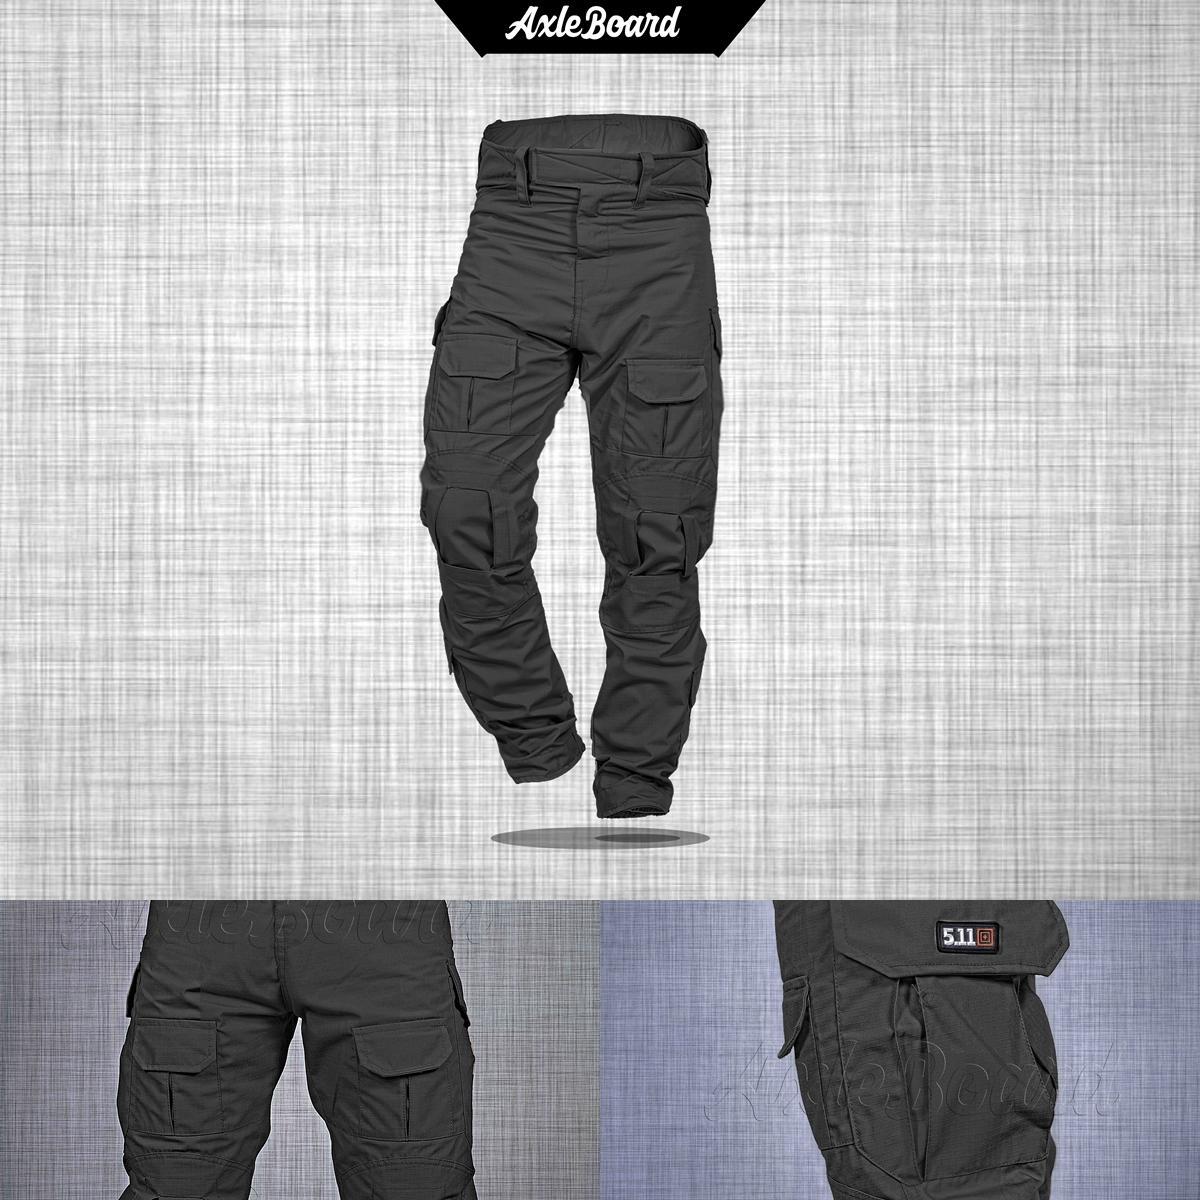 Jual 511 Tectical Terlengkap Termurah Kemeja Tactical Pdl Premium Best Seller Celana Cargo Panjang Army Warna Hitam Axlestore